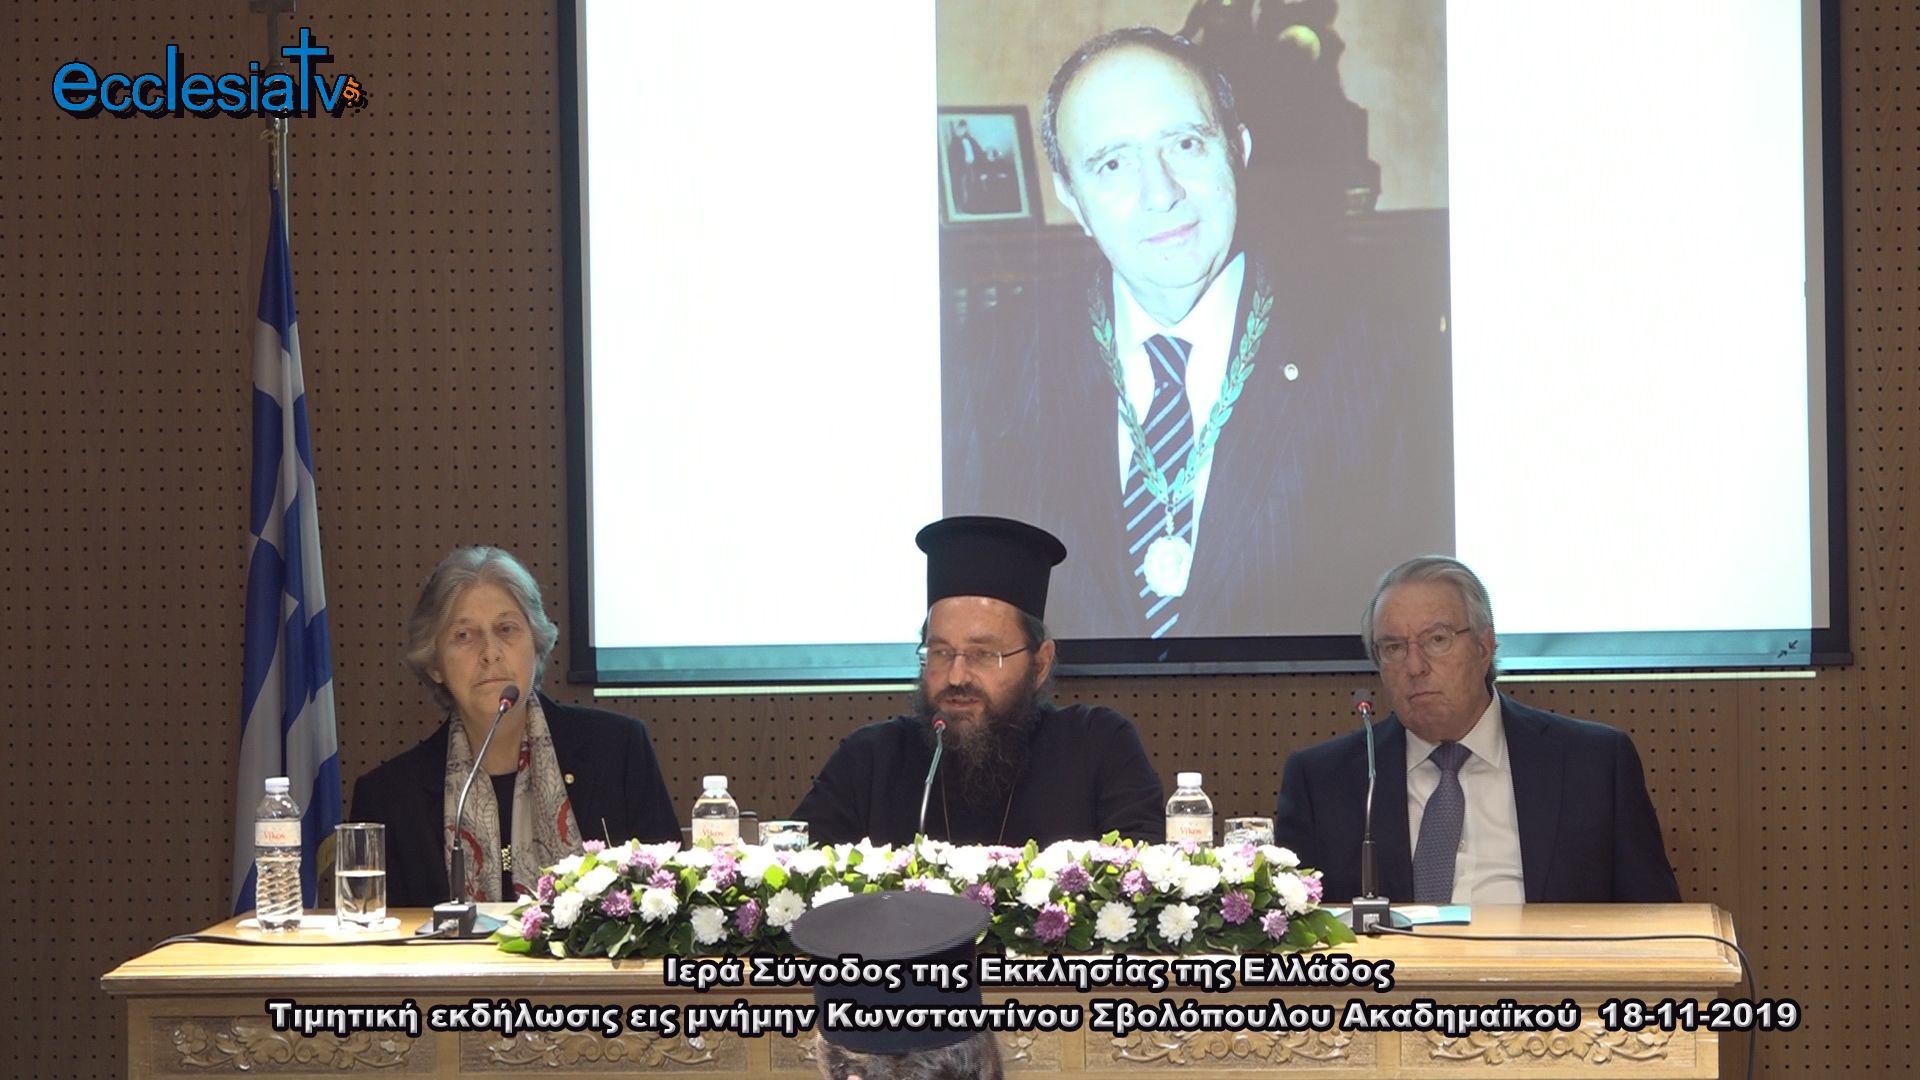 Ιερά Σύνοδος της Εκκλησίας της Ελλάδος  Τιμητική εκδήλωσις εις μνήμην Κωνσταντίνου Σβολόπουλου Ακαδημαϊκού